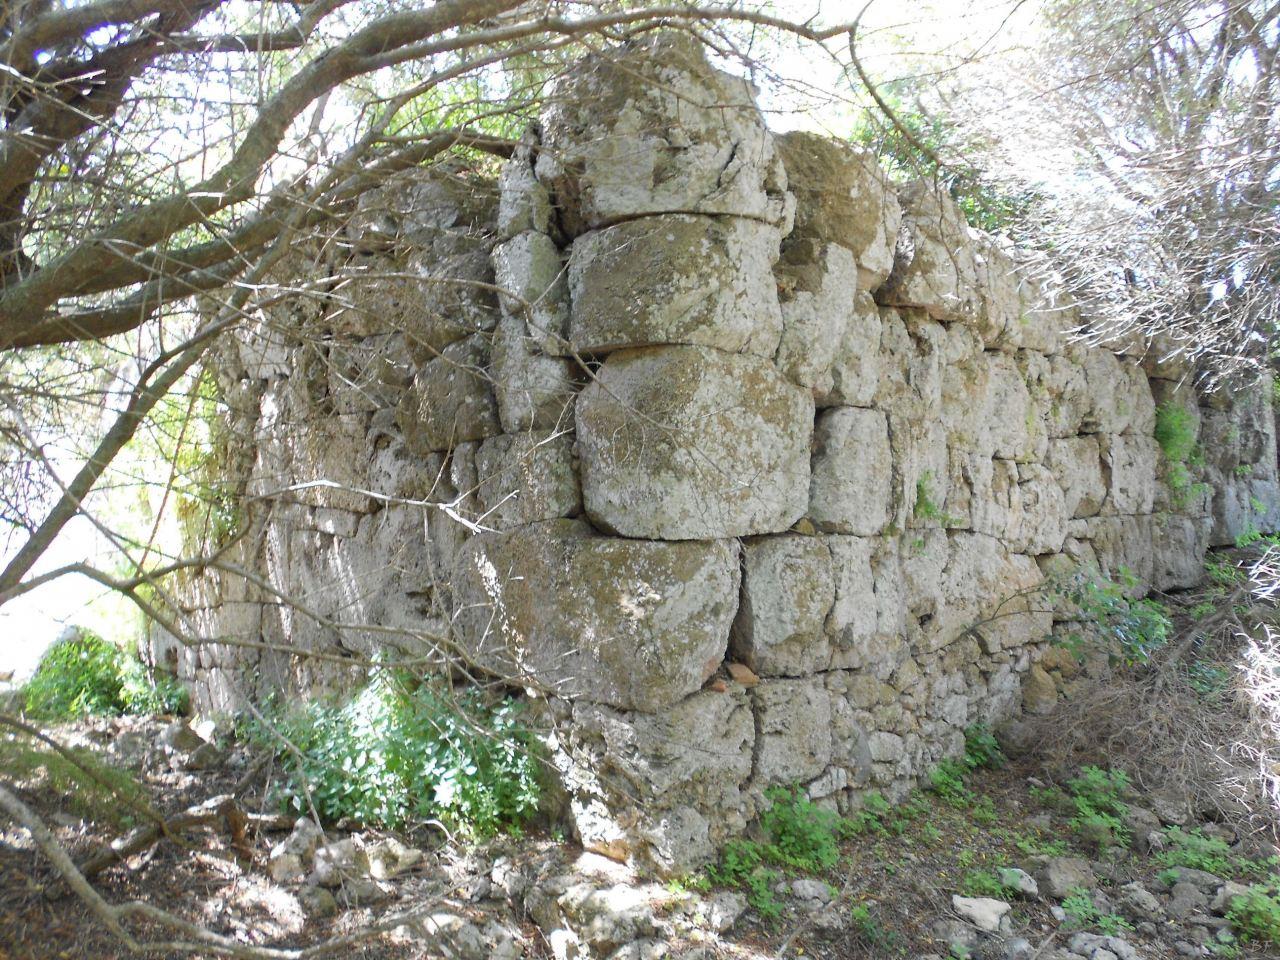 Cosa-Mura-Megalitiche-Ansedonia-Grosseto-Toscana-Italia-34